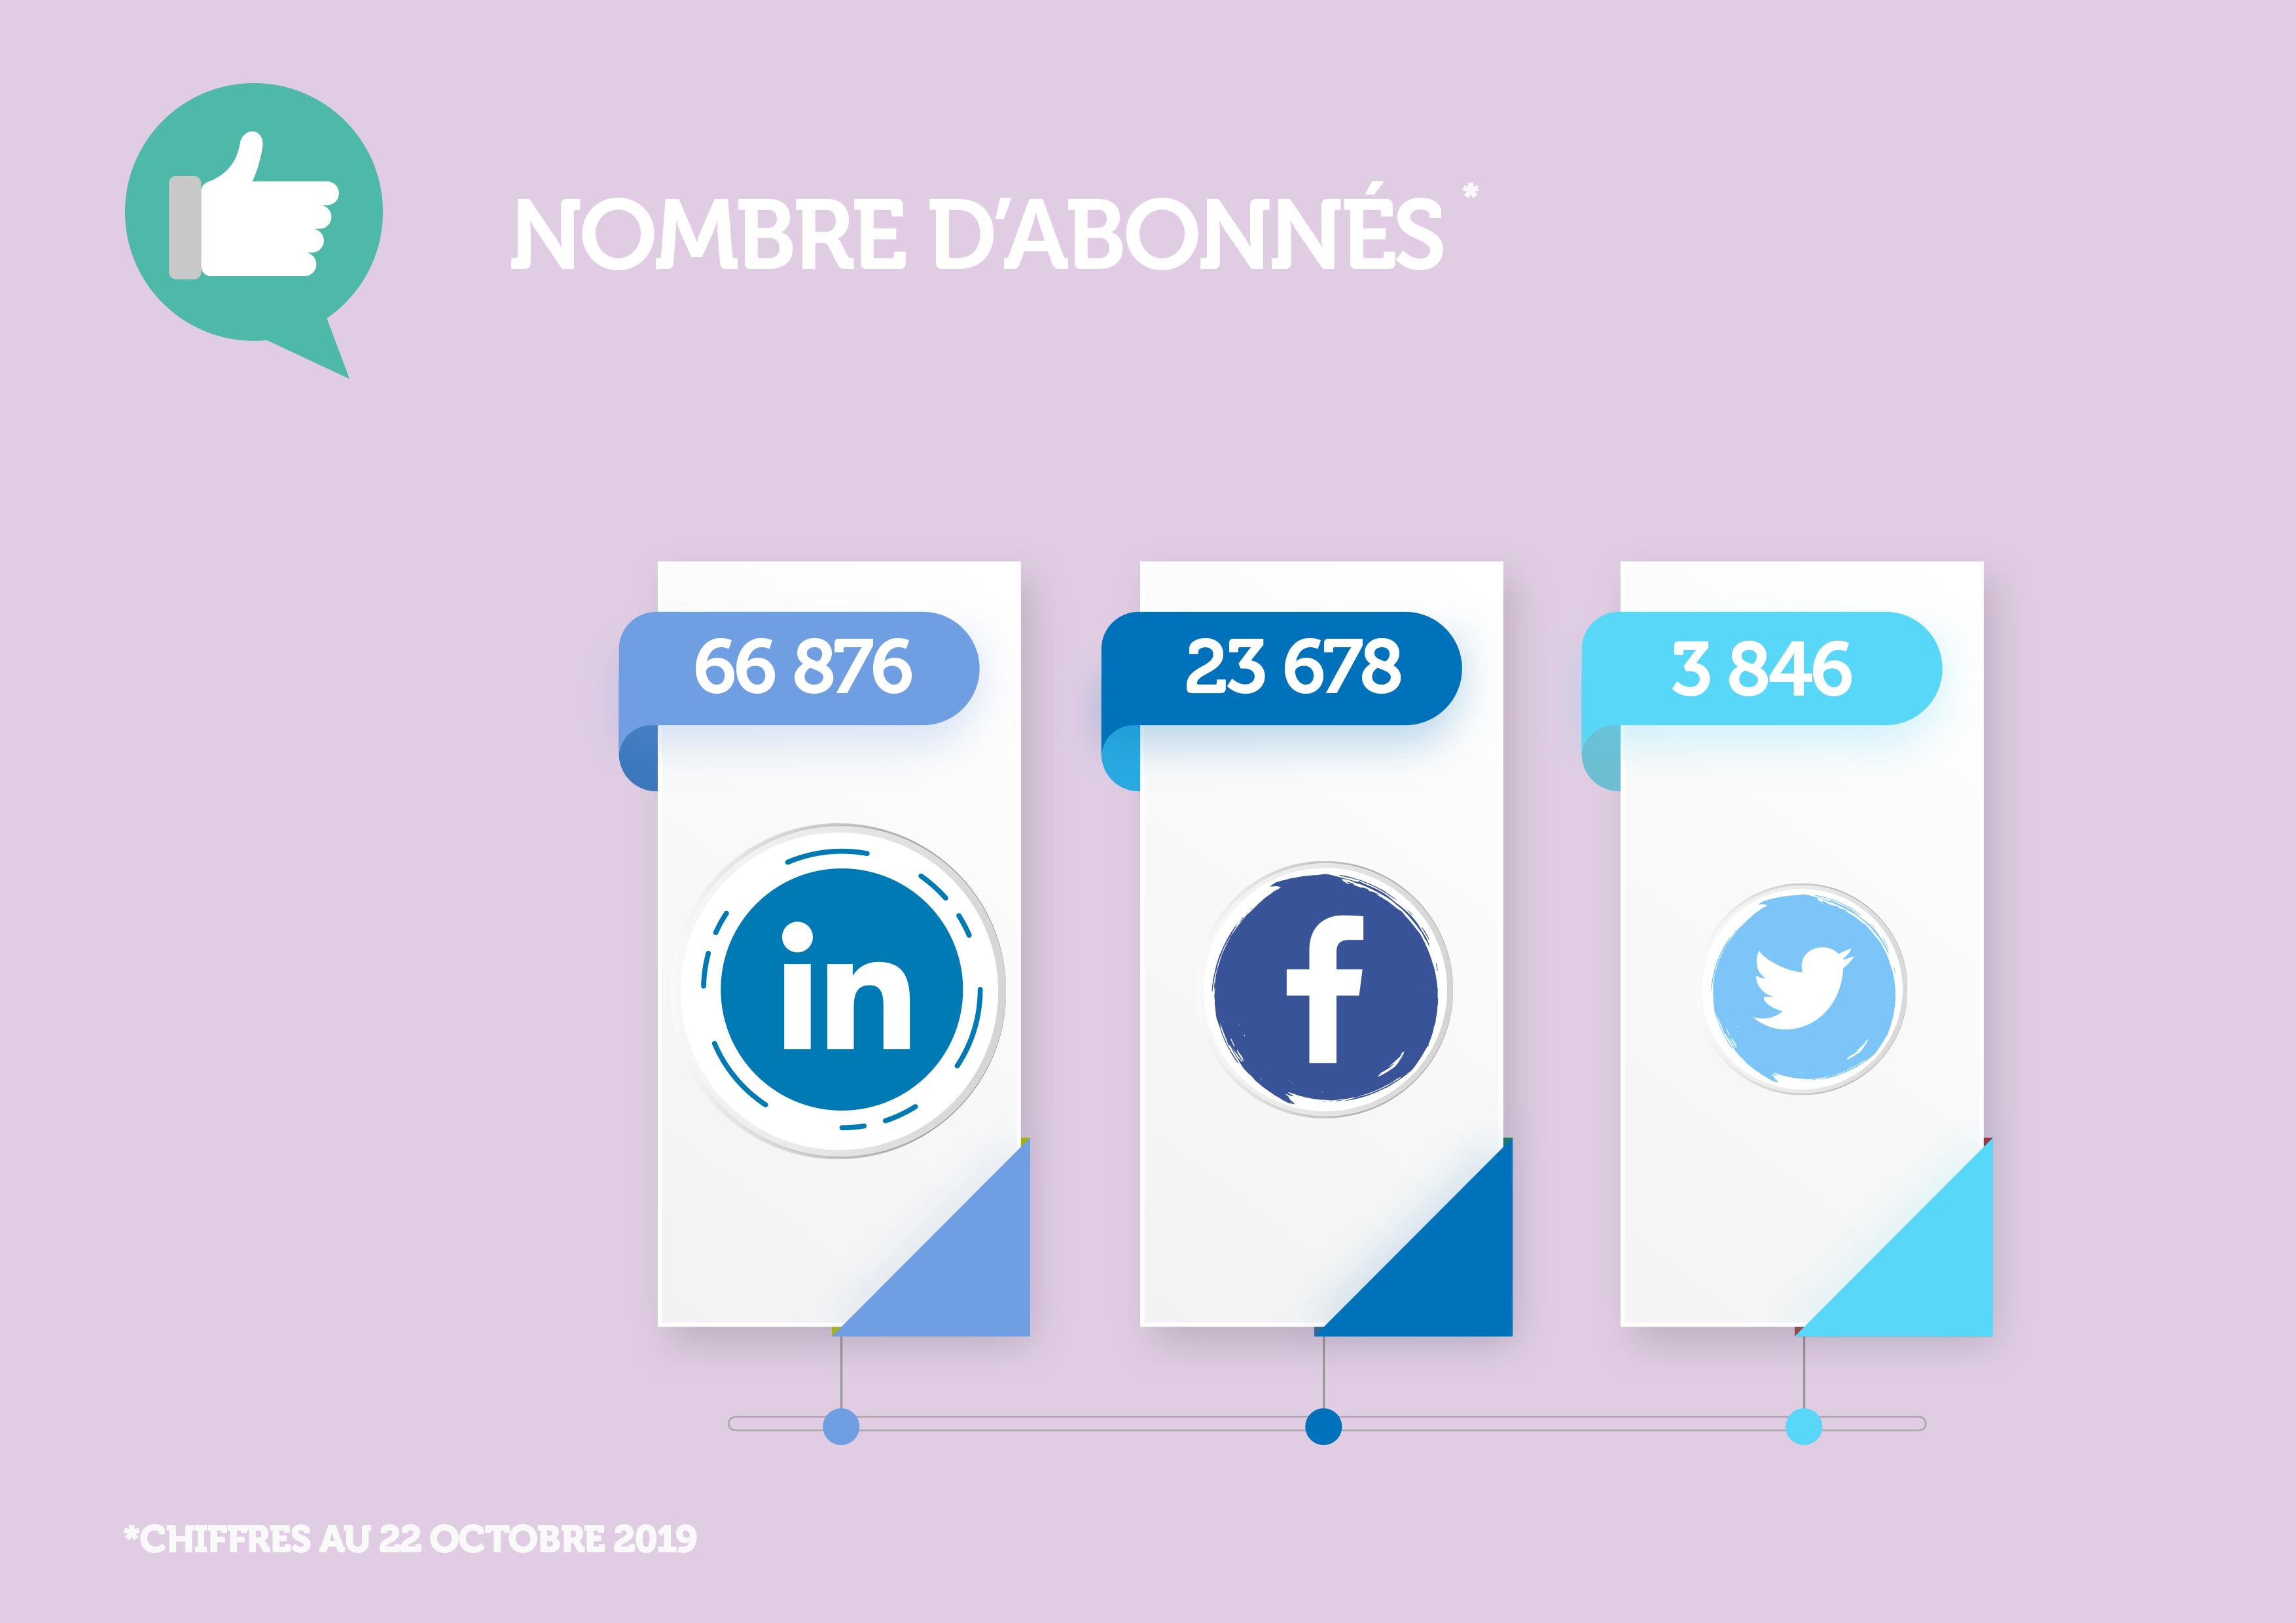 Nombre d'abonnés Vallourec sur les réseaux sociaux